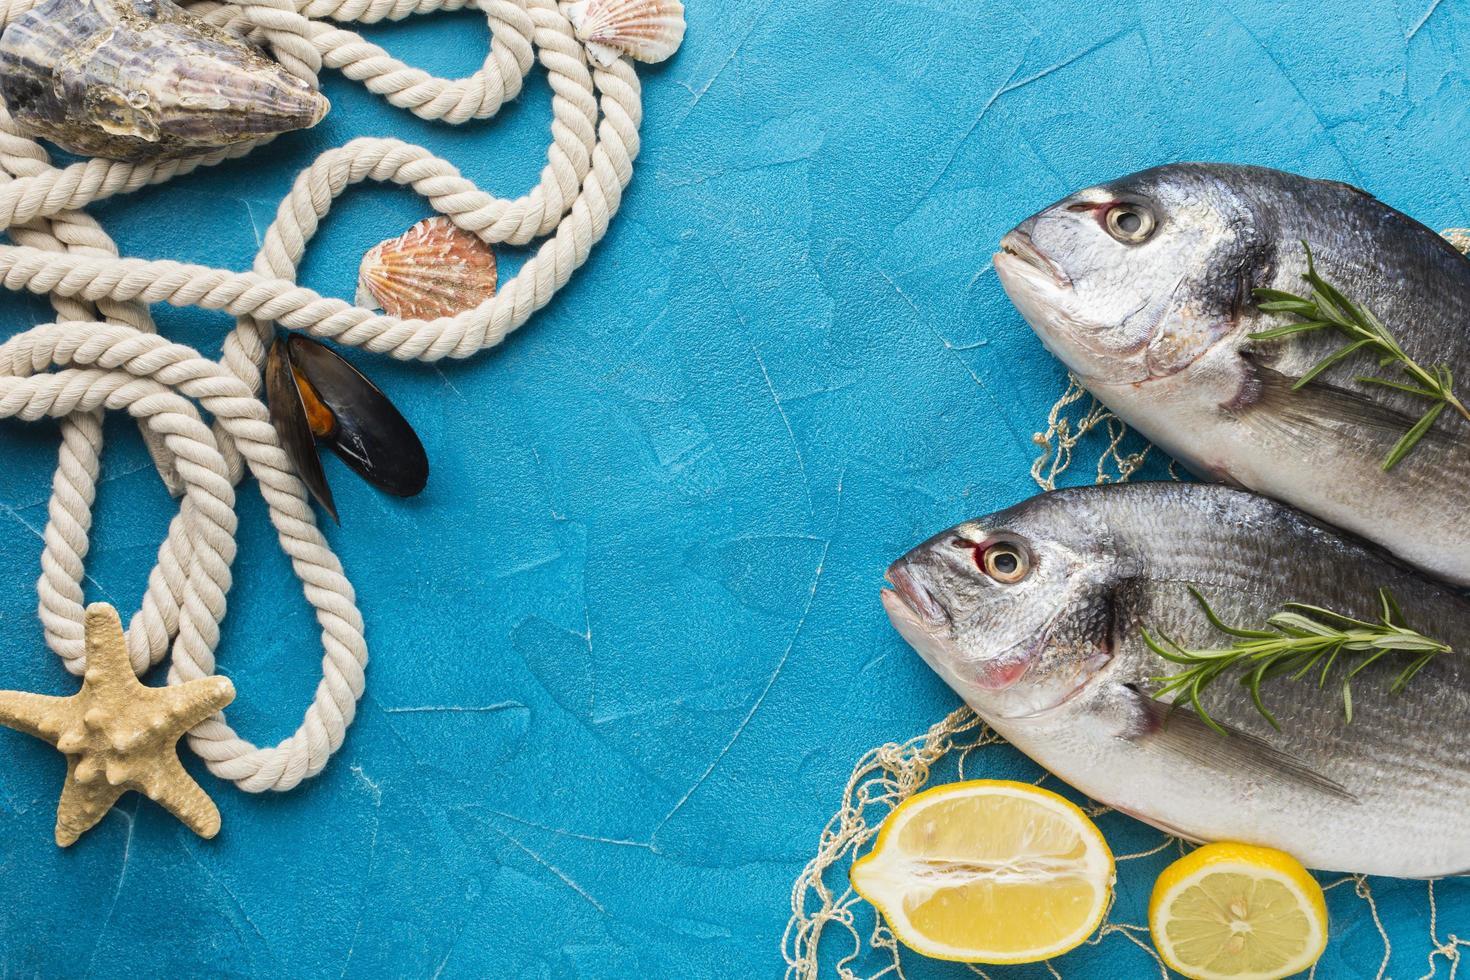 vis arrangement met touw bovenaanzicht foto